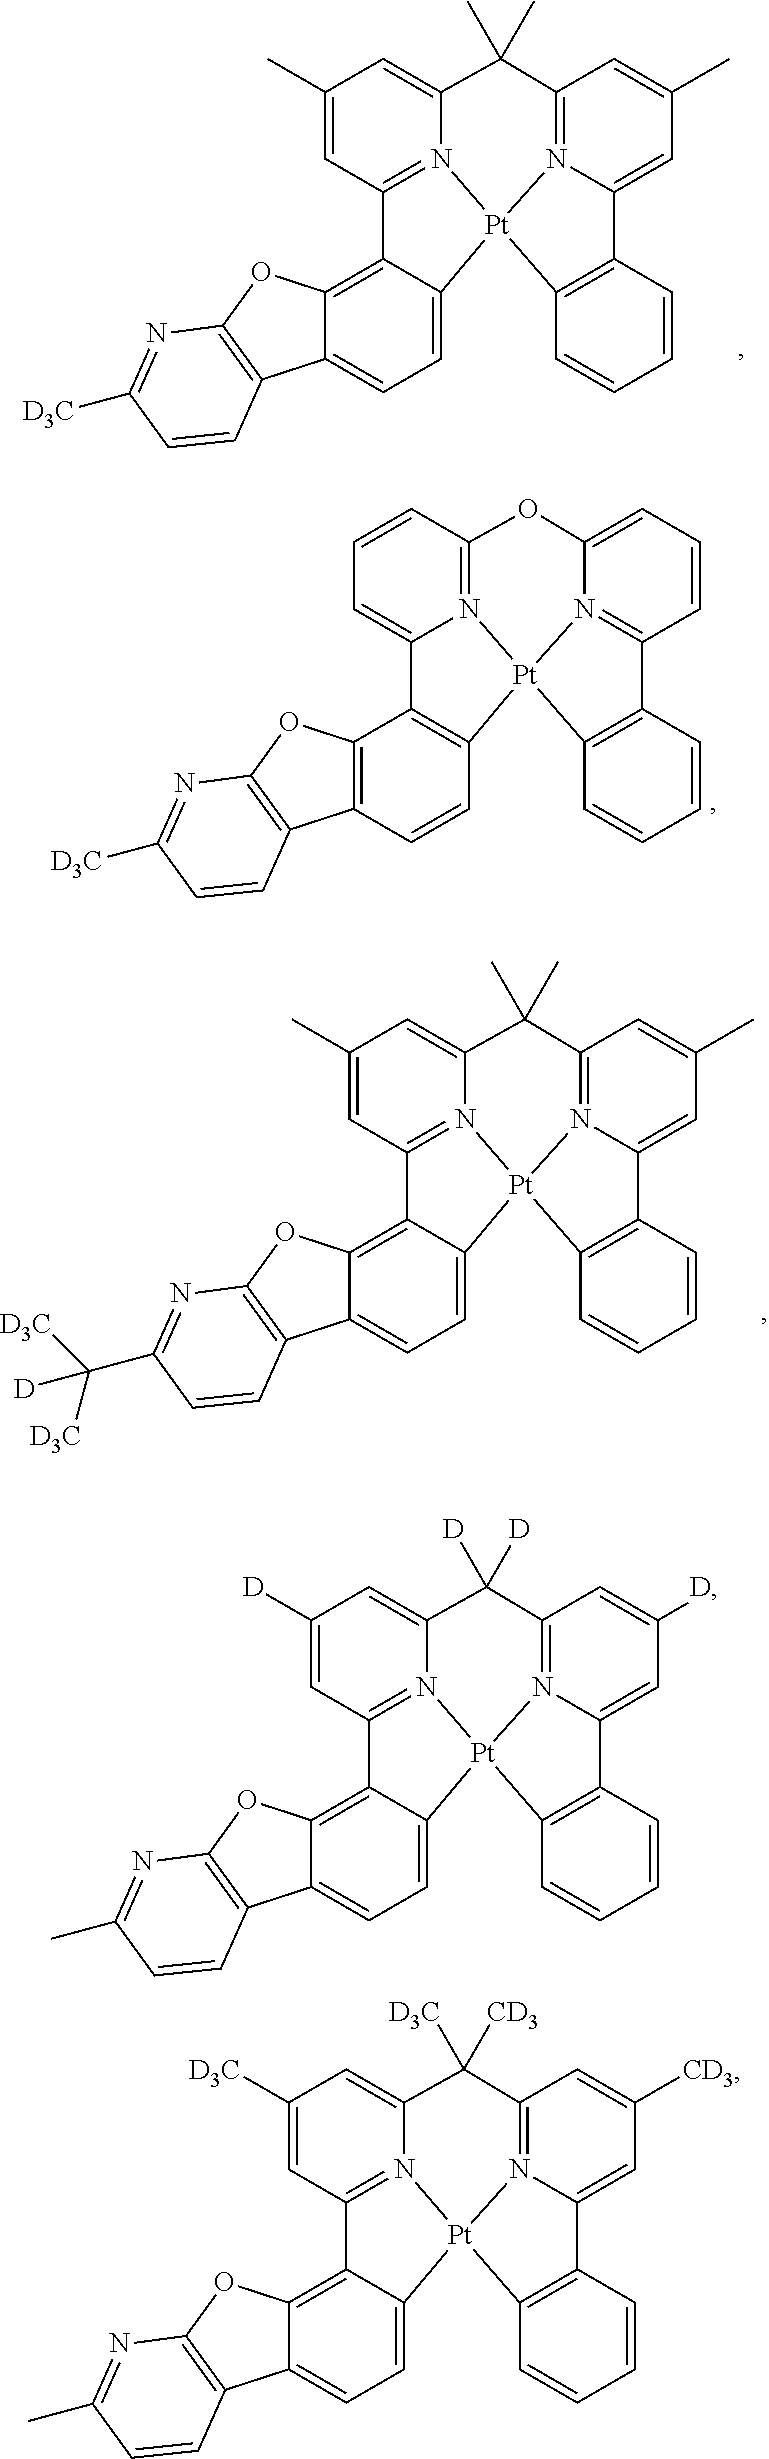 Figure US09871214-20180116-C00315